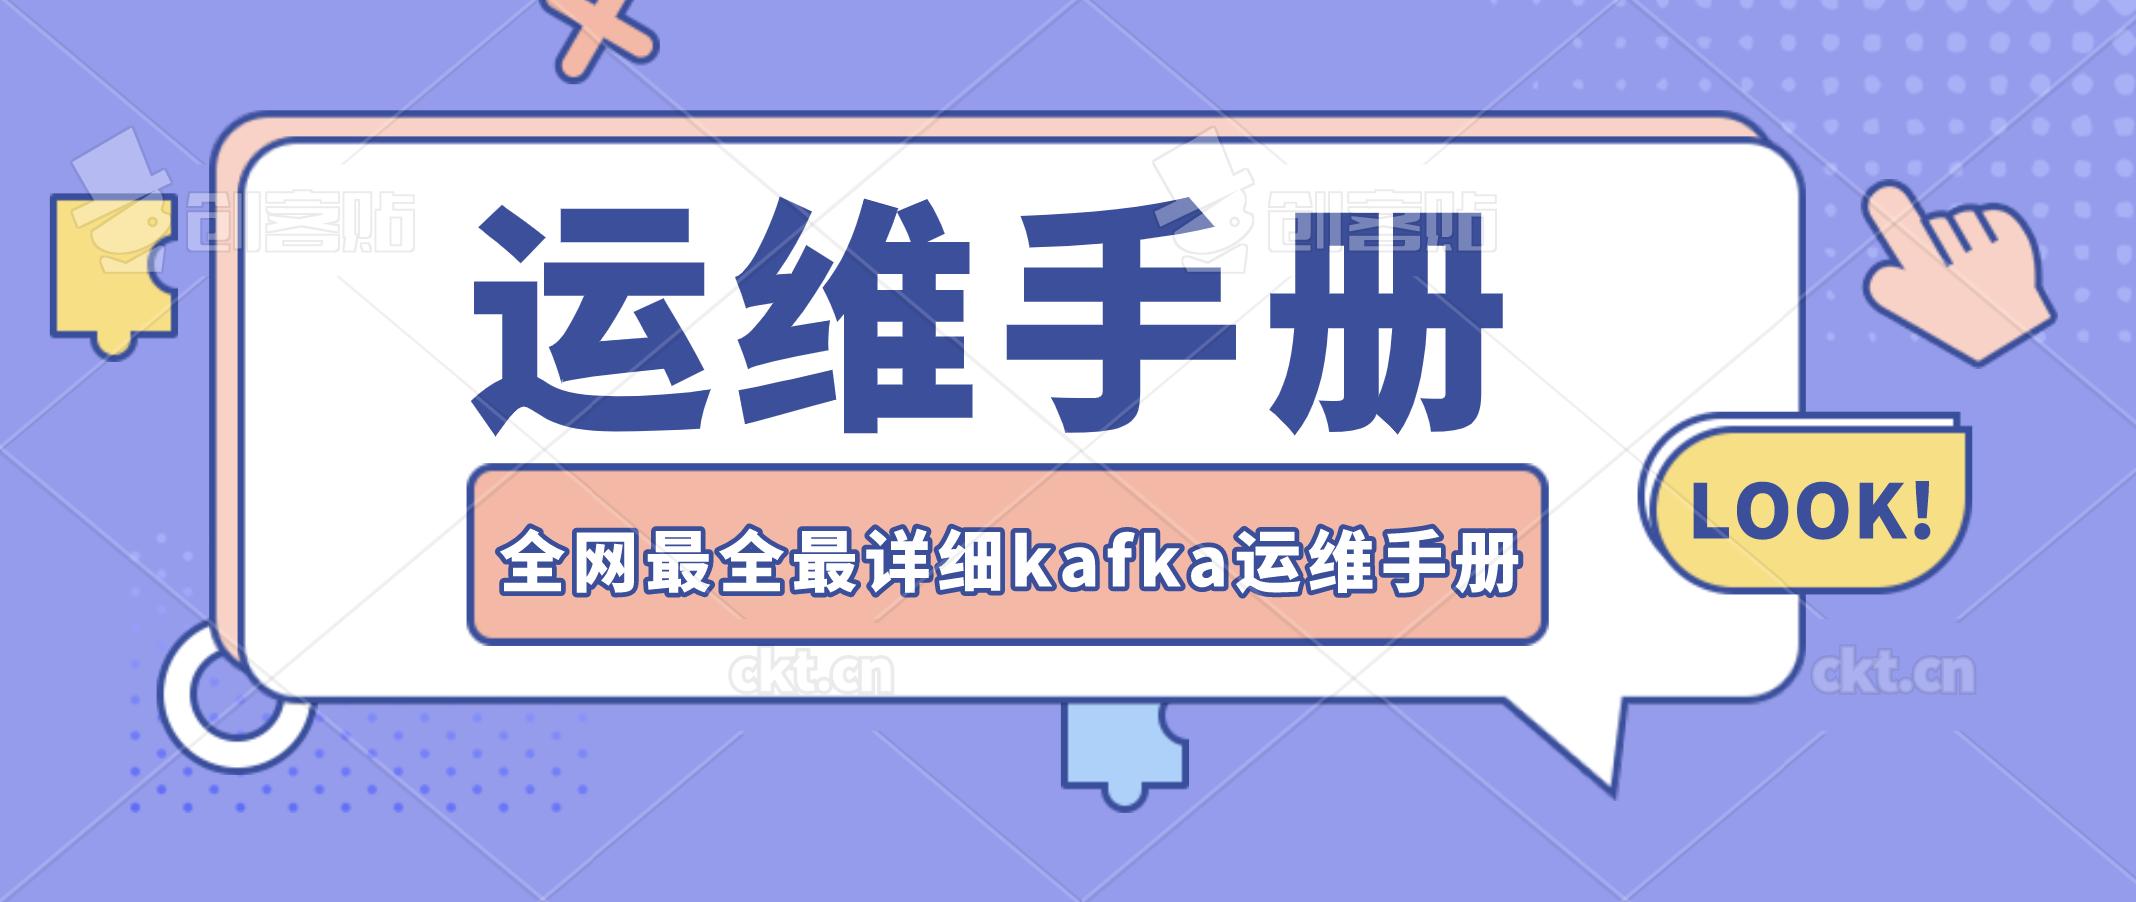 【kafka运维】Kafka全网最全最详细运维手册!!